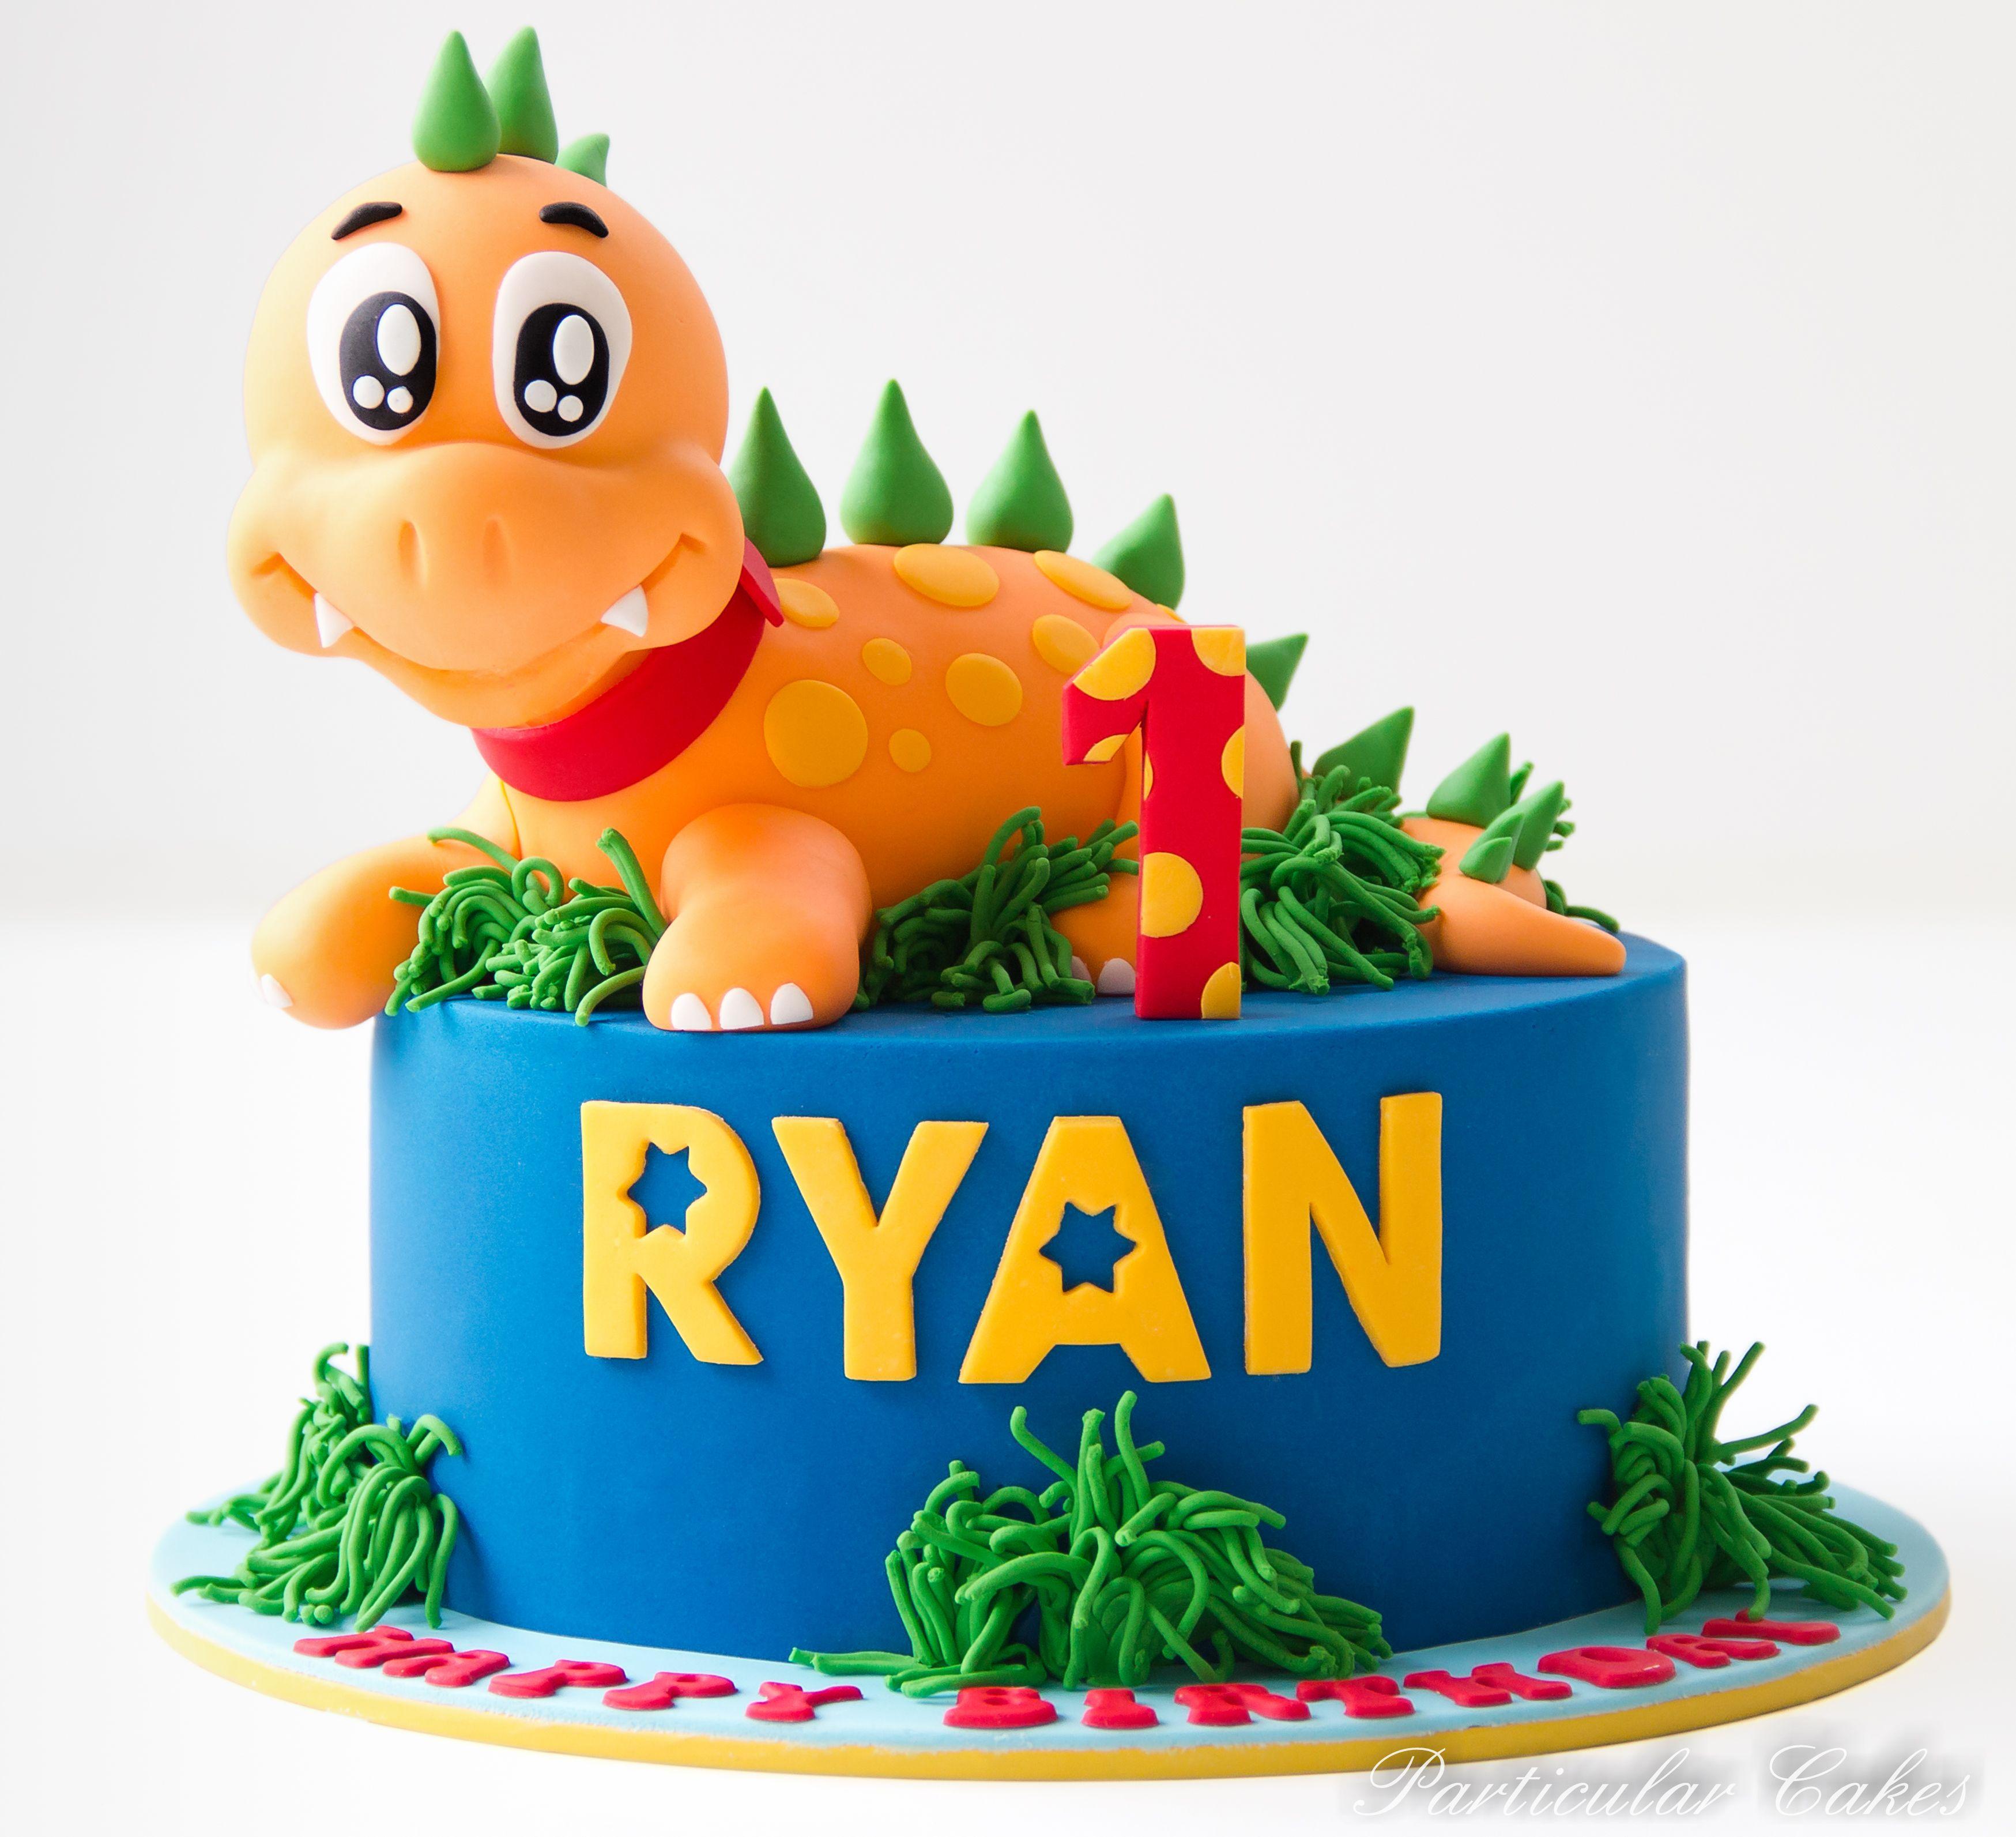 Strange Img 2468 2 Dinosaur Birthday Cakes Birthday Cake Kids First Funny Birthday Cards Online Inifofree Goldxyz